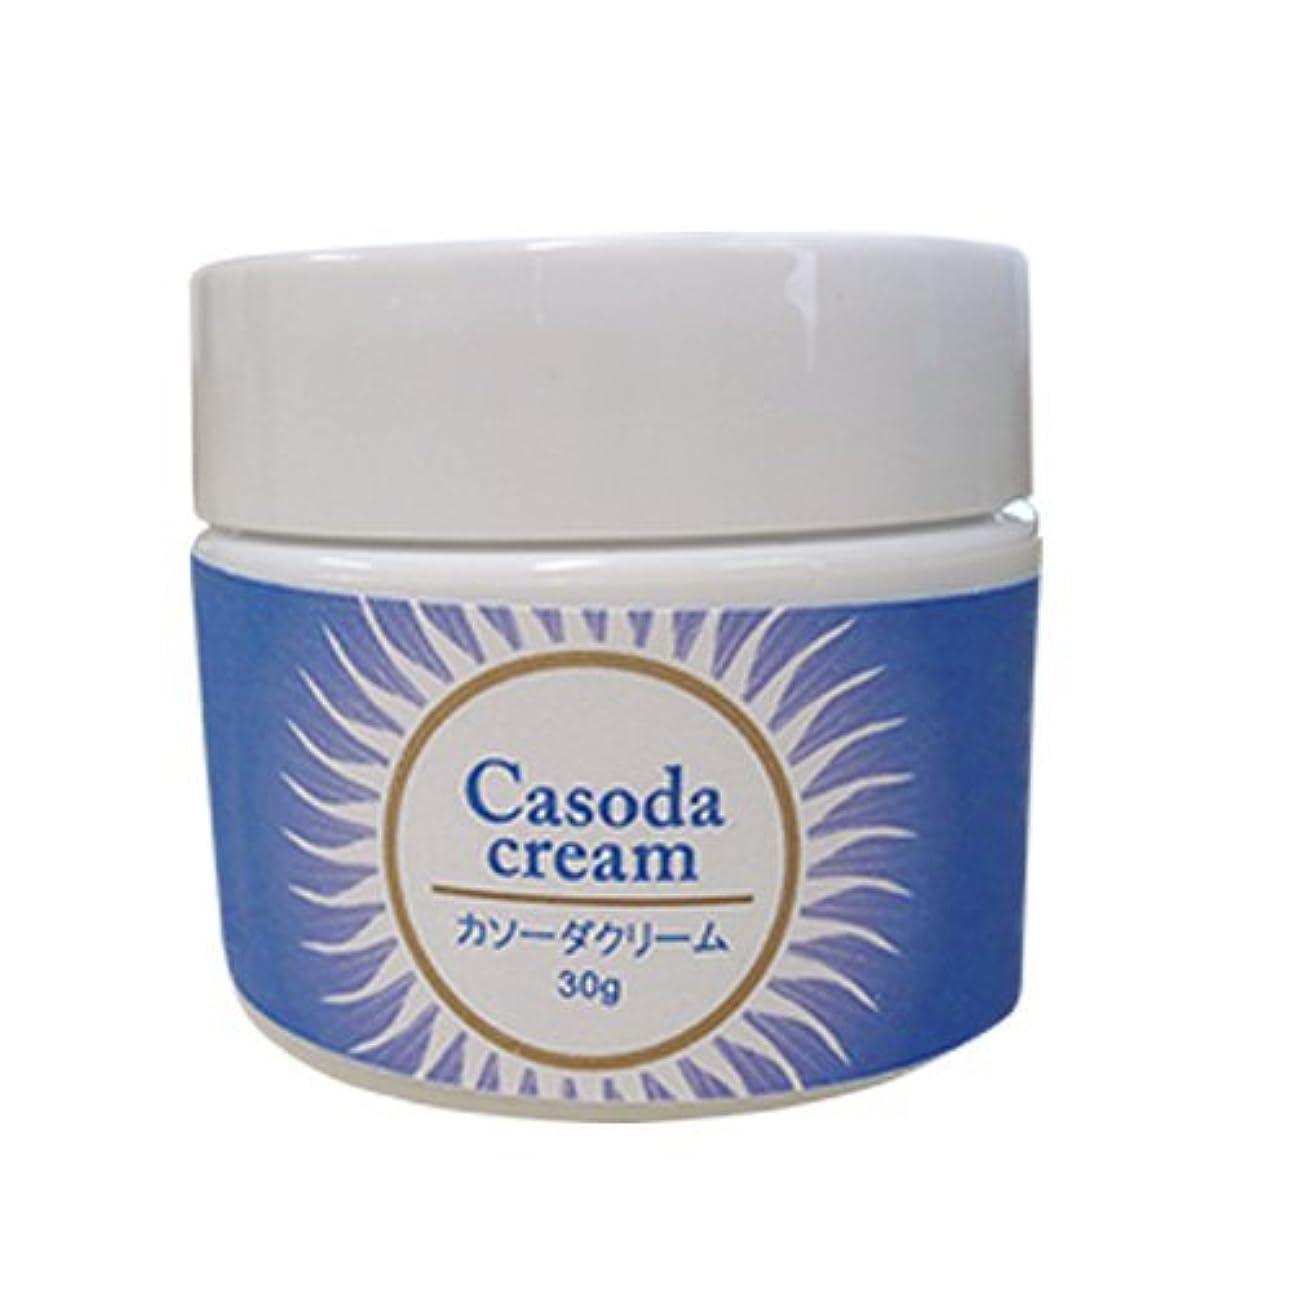 ファックスステレオタイプめまいcasoda カソーダ クリーム 30g